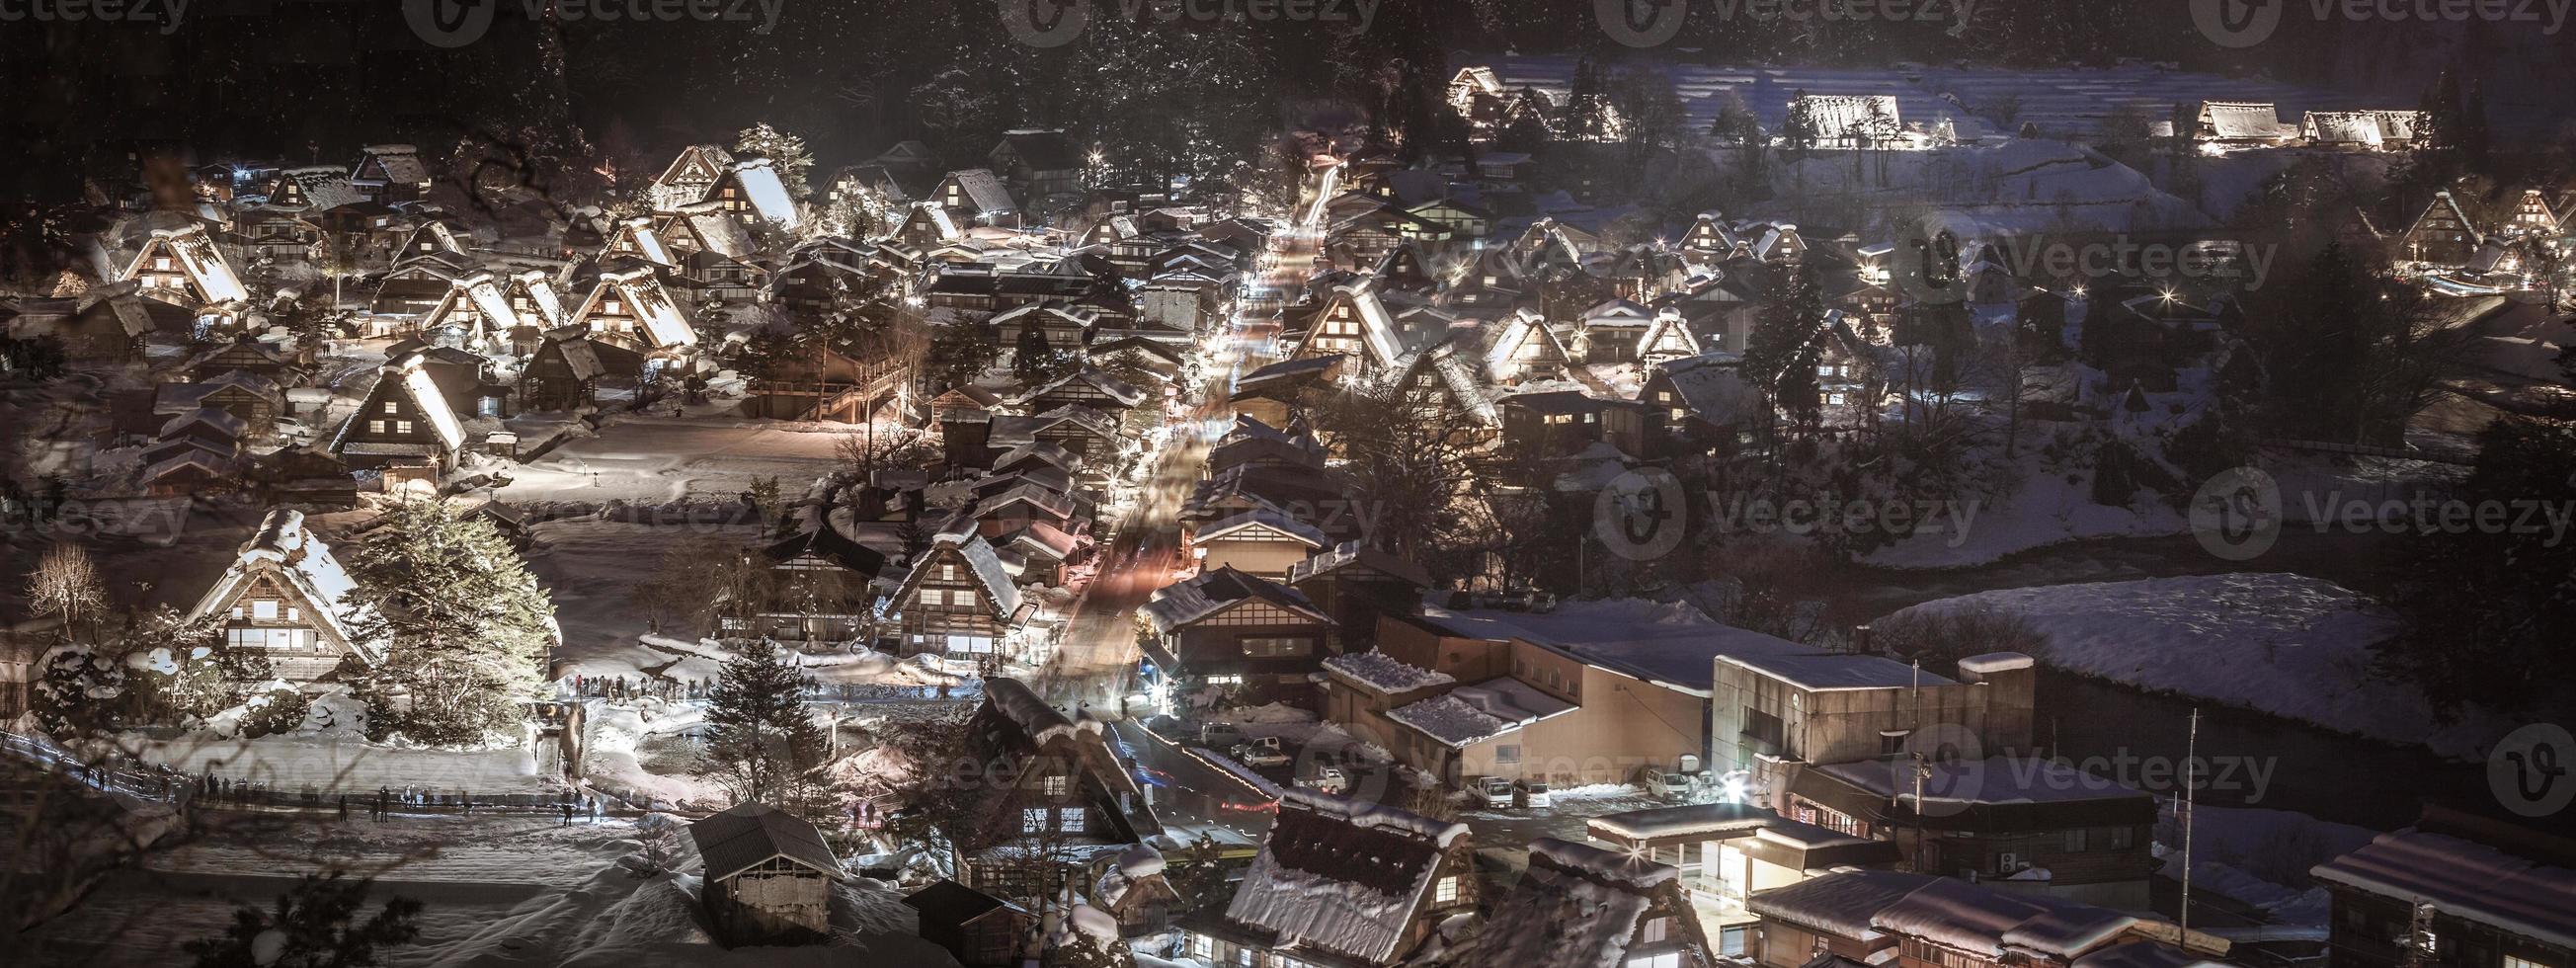 Shirakawa-go Winter Light-Up photo